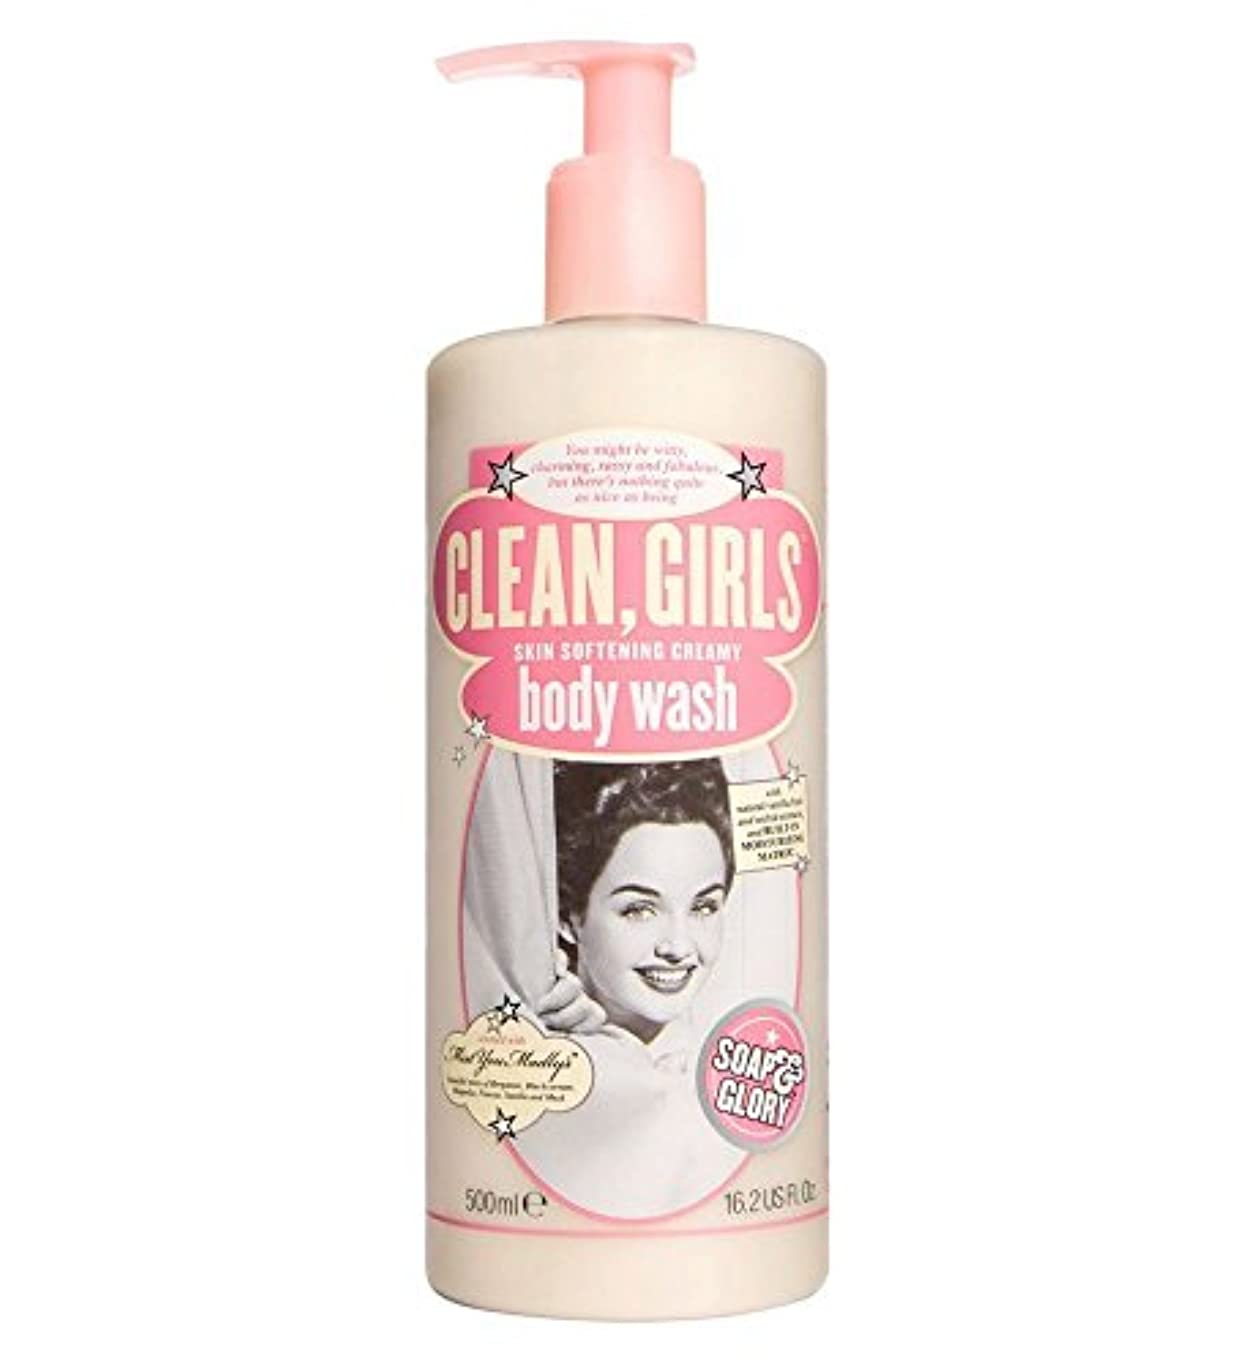 タワーファンネルウェブスパイダー感嘆Soap & Glory Clean Girls Body Wash 500ml by Soap & Glory [並行輸入品]